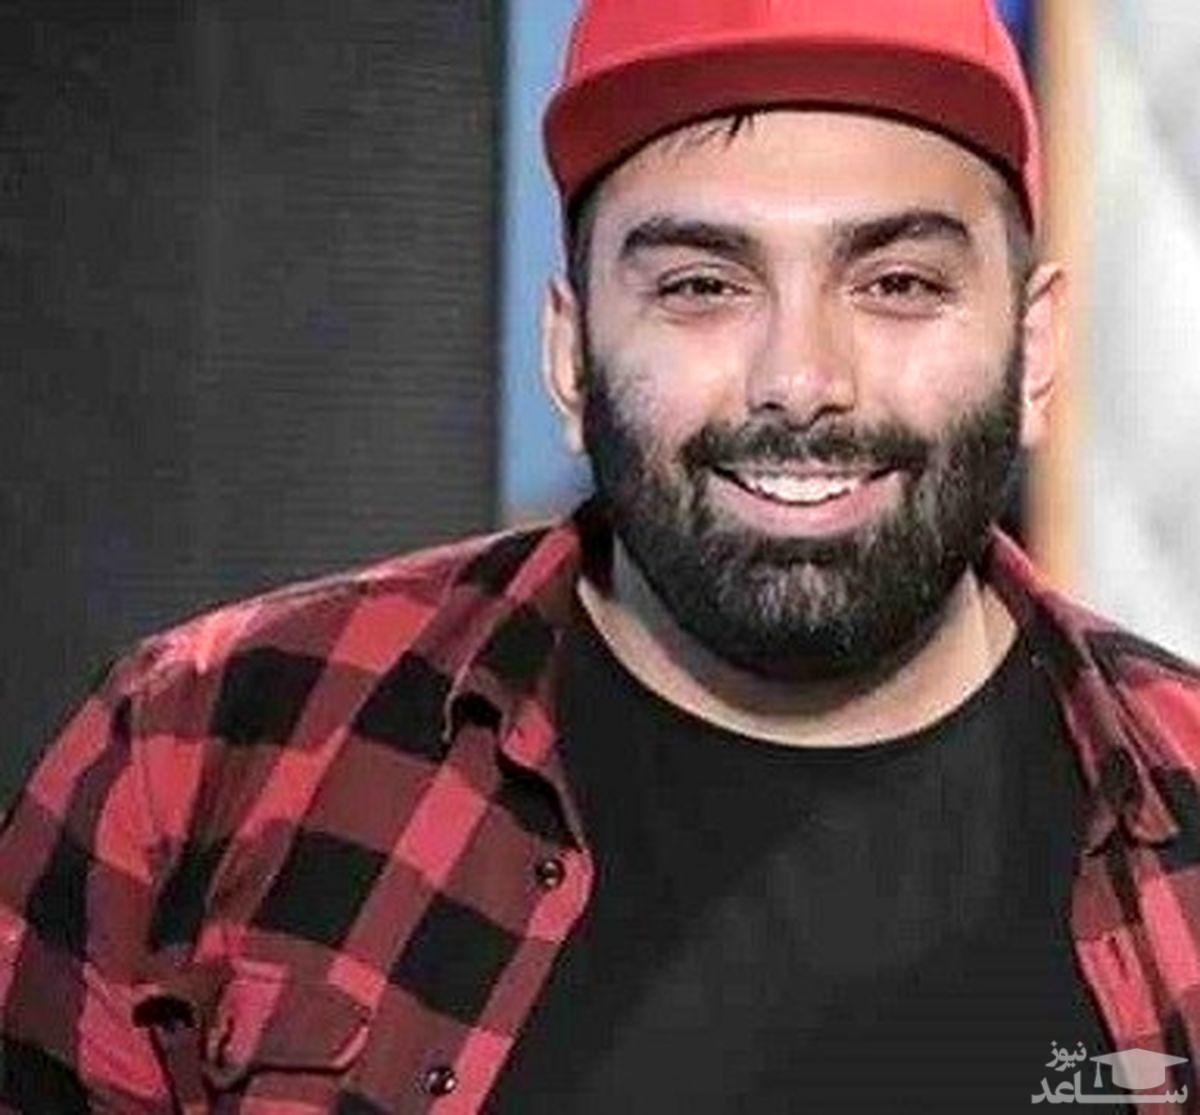 مسعود صادقلو، خواننده زیرزمینیِ پرطرفدار بالاخره کنسرت برگزار کرد